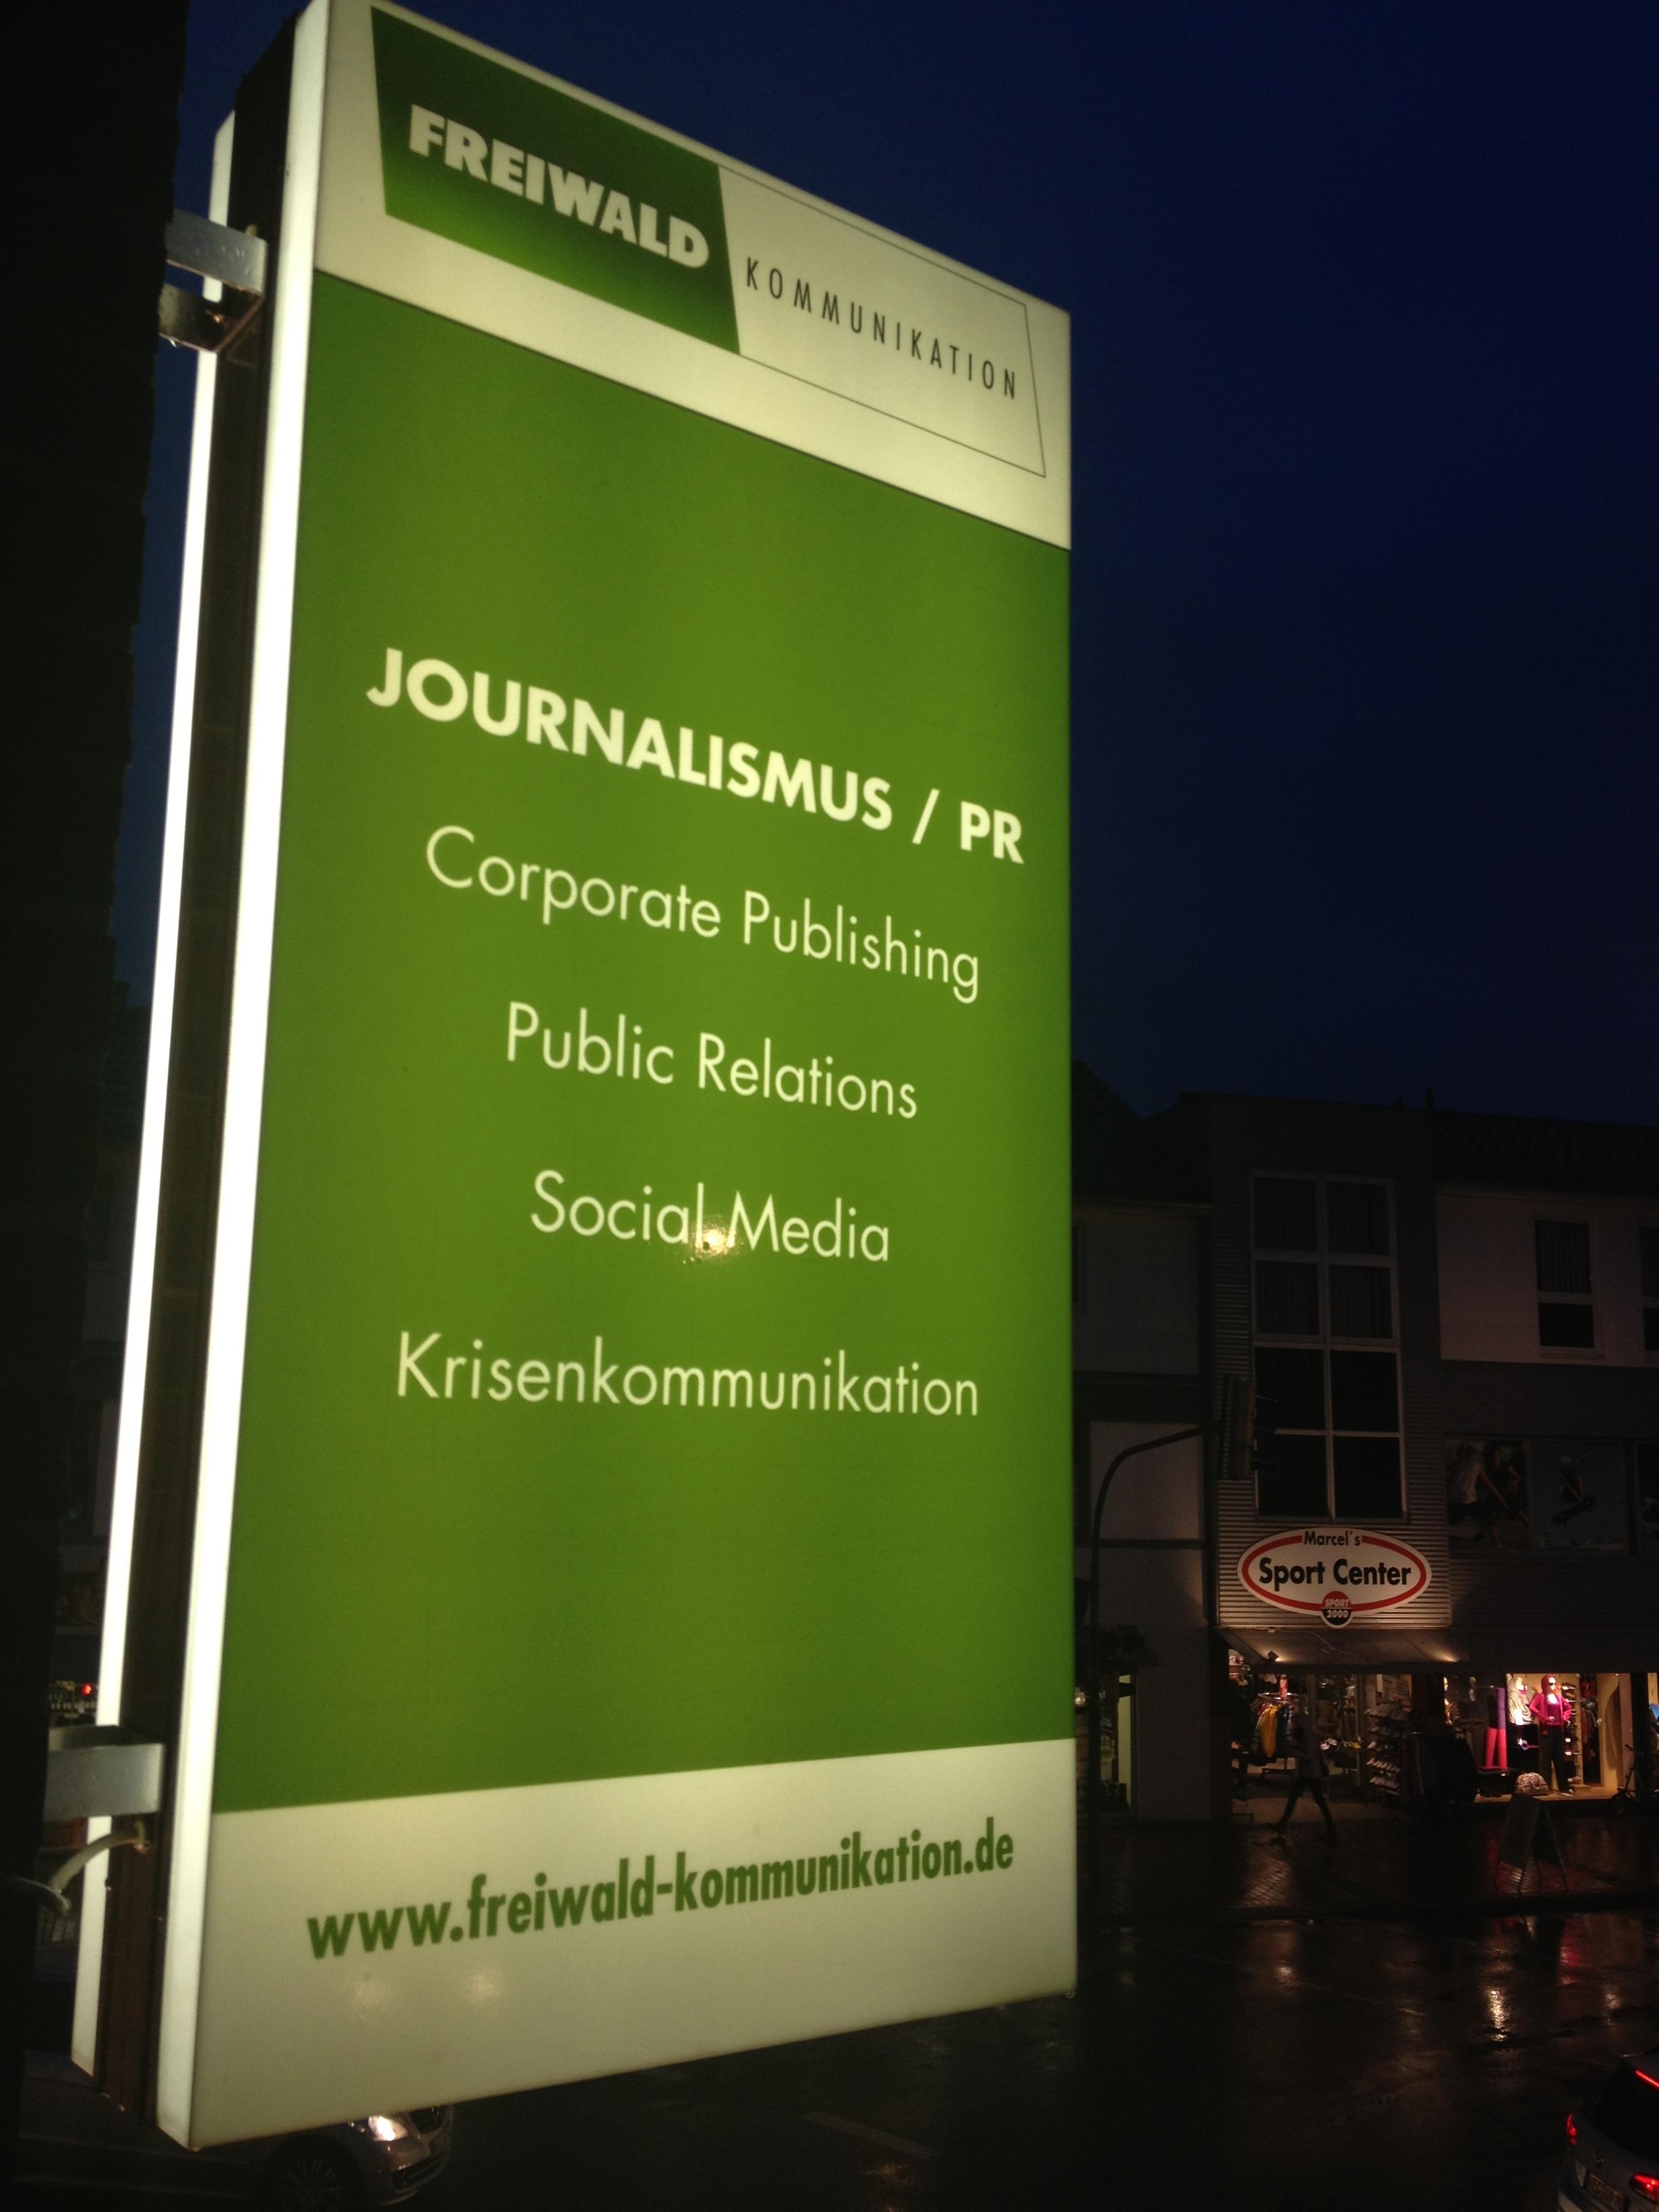 leuchtreklame Freiwald Kommunikation, Büro für Journalismus, PR und Marketing